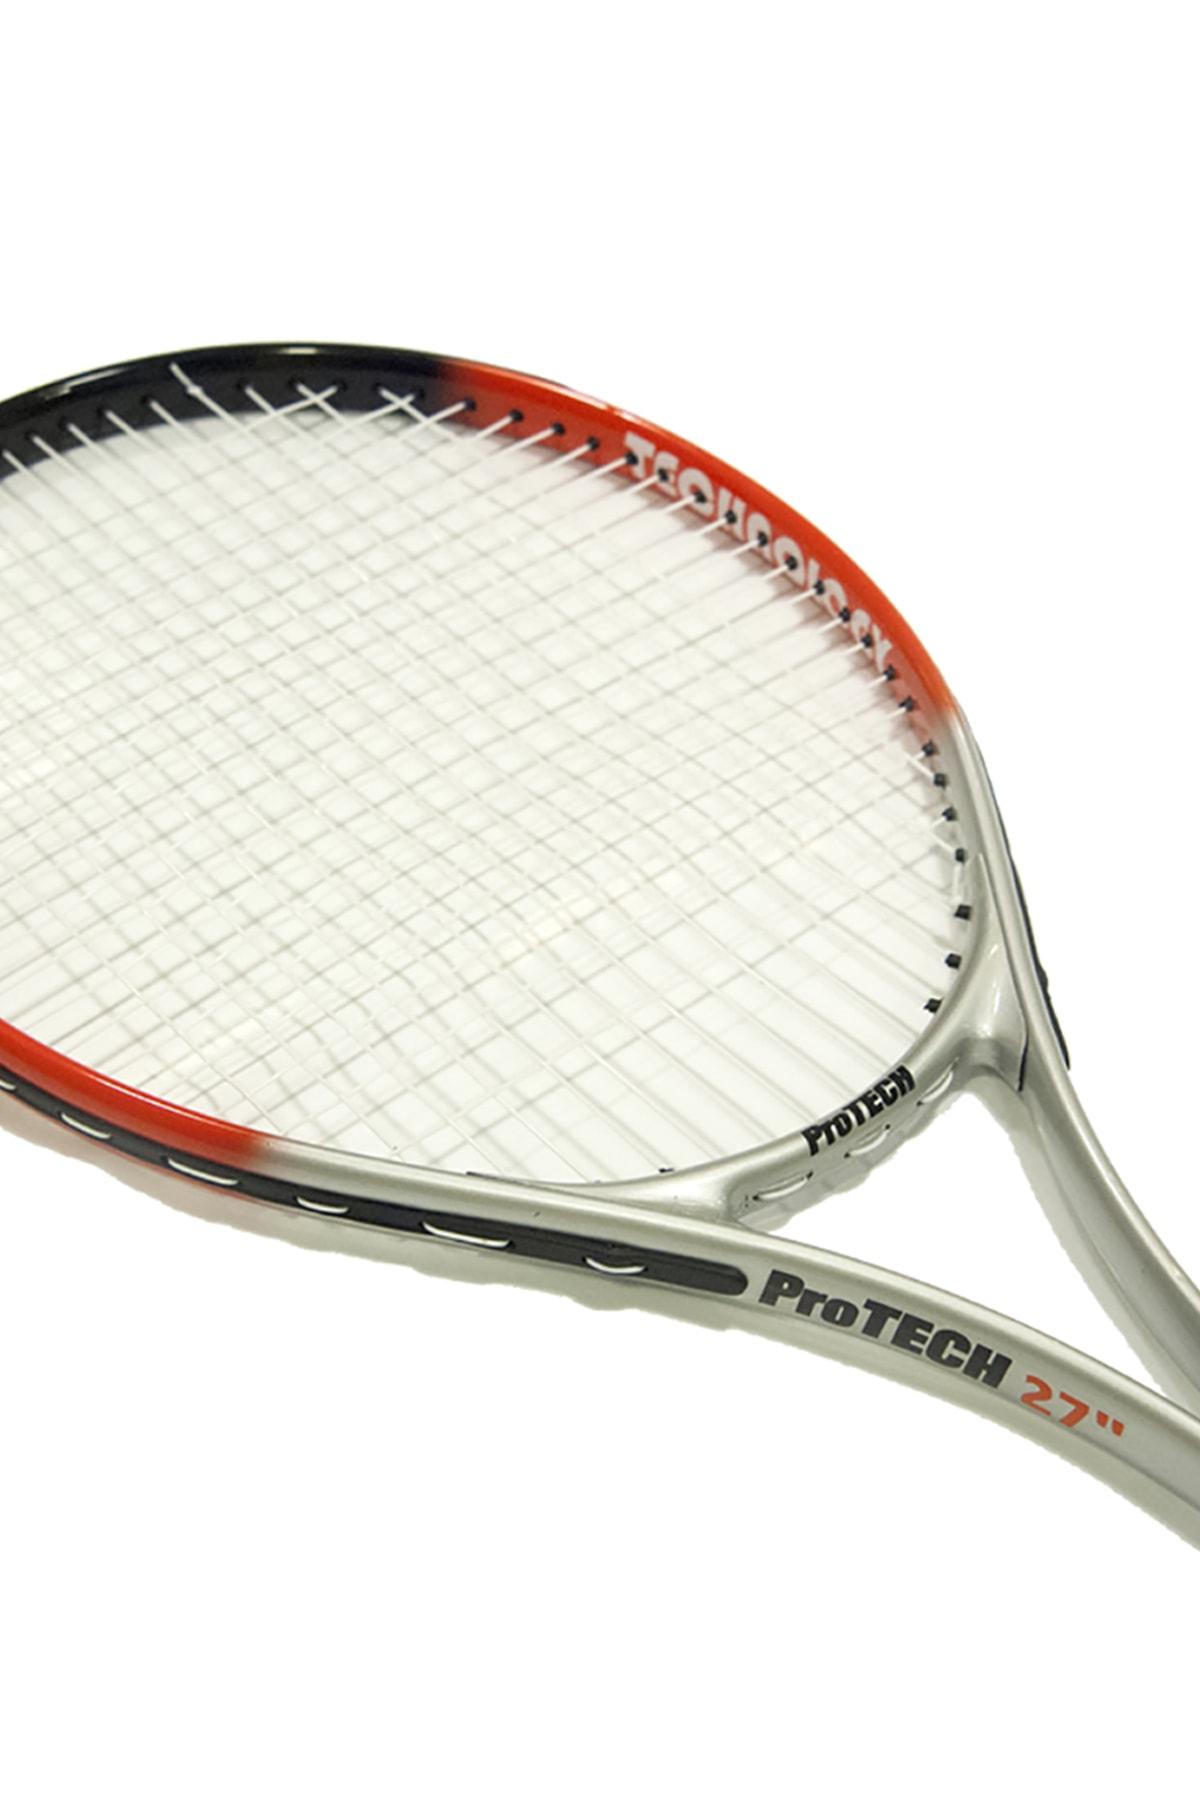 PROTECH M500 Tenis Raketi - 27 2